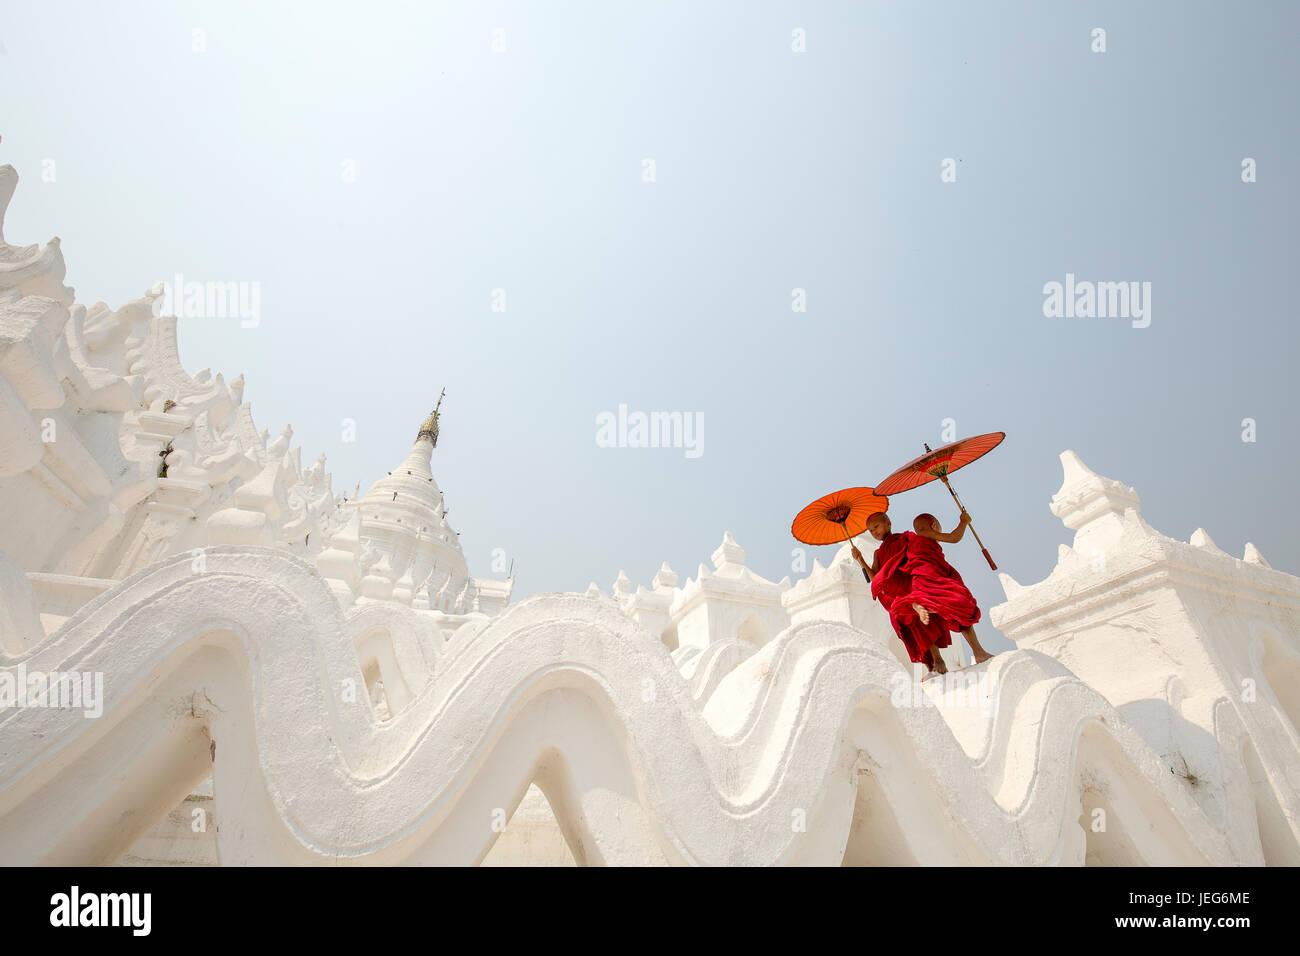 I monaci con ombrellone nella Pagoda Hsinbyume tempio in Myanmar Mandalay Mingon Sagaing bianca regione pagoda tempio Immagini Stock